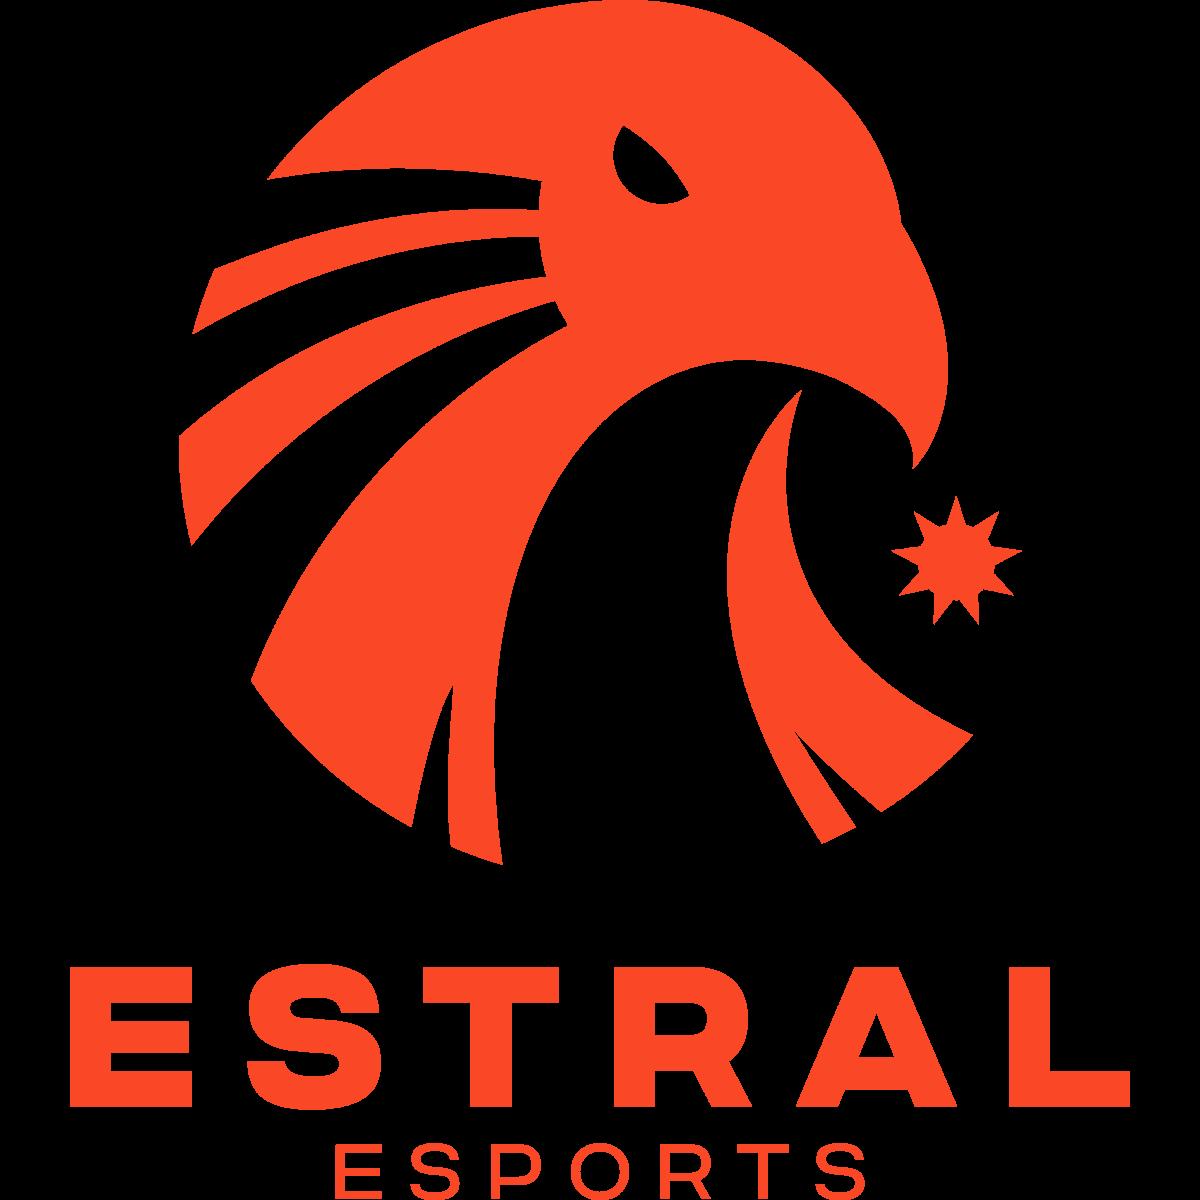 Estral Esports